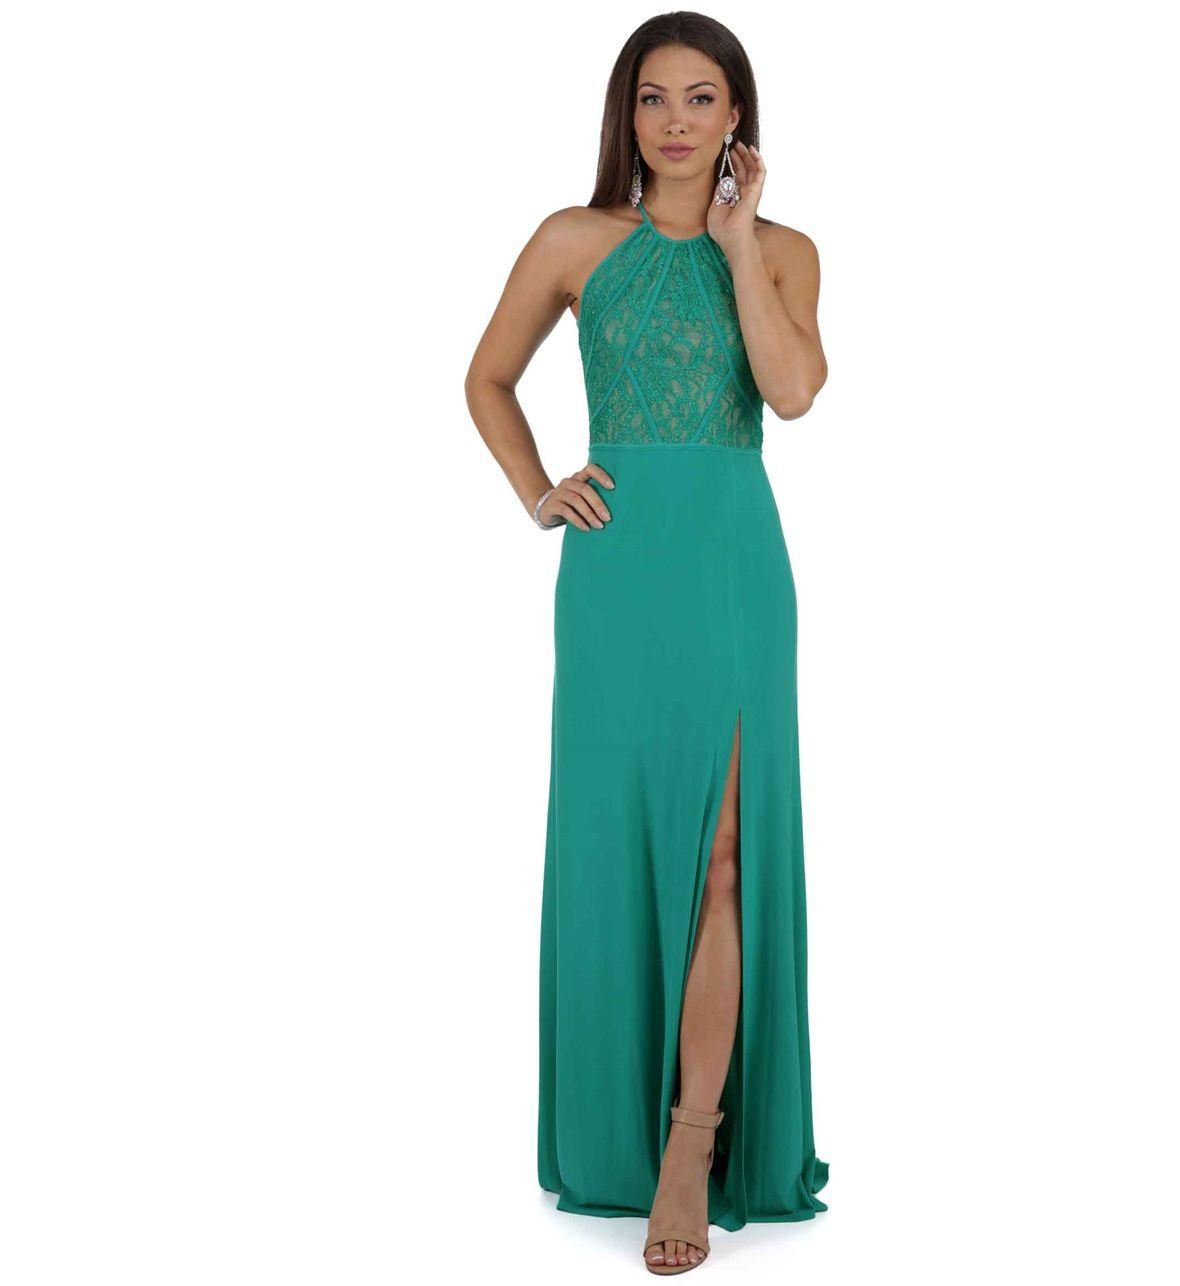 Jade Green Glitter Prom Dress | Glitter prom dresses, Green glitter ...